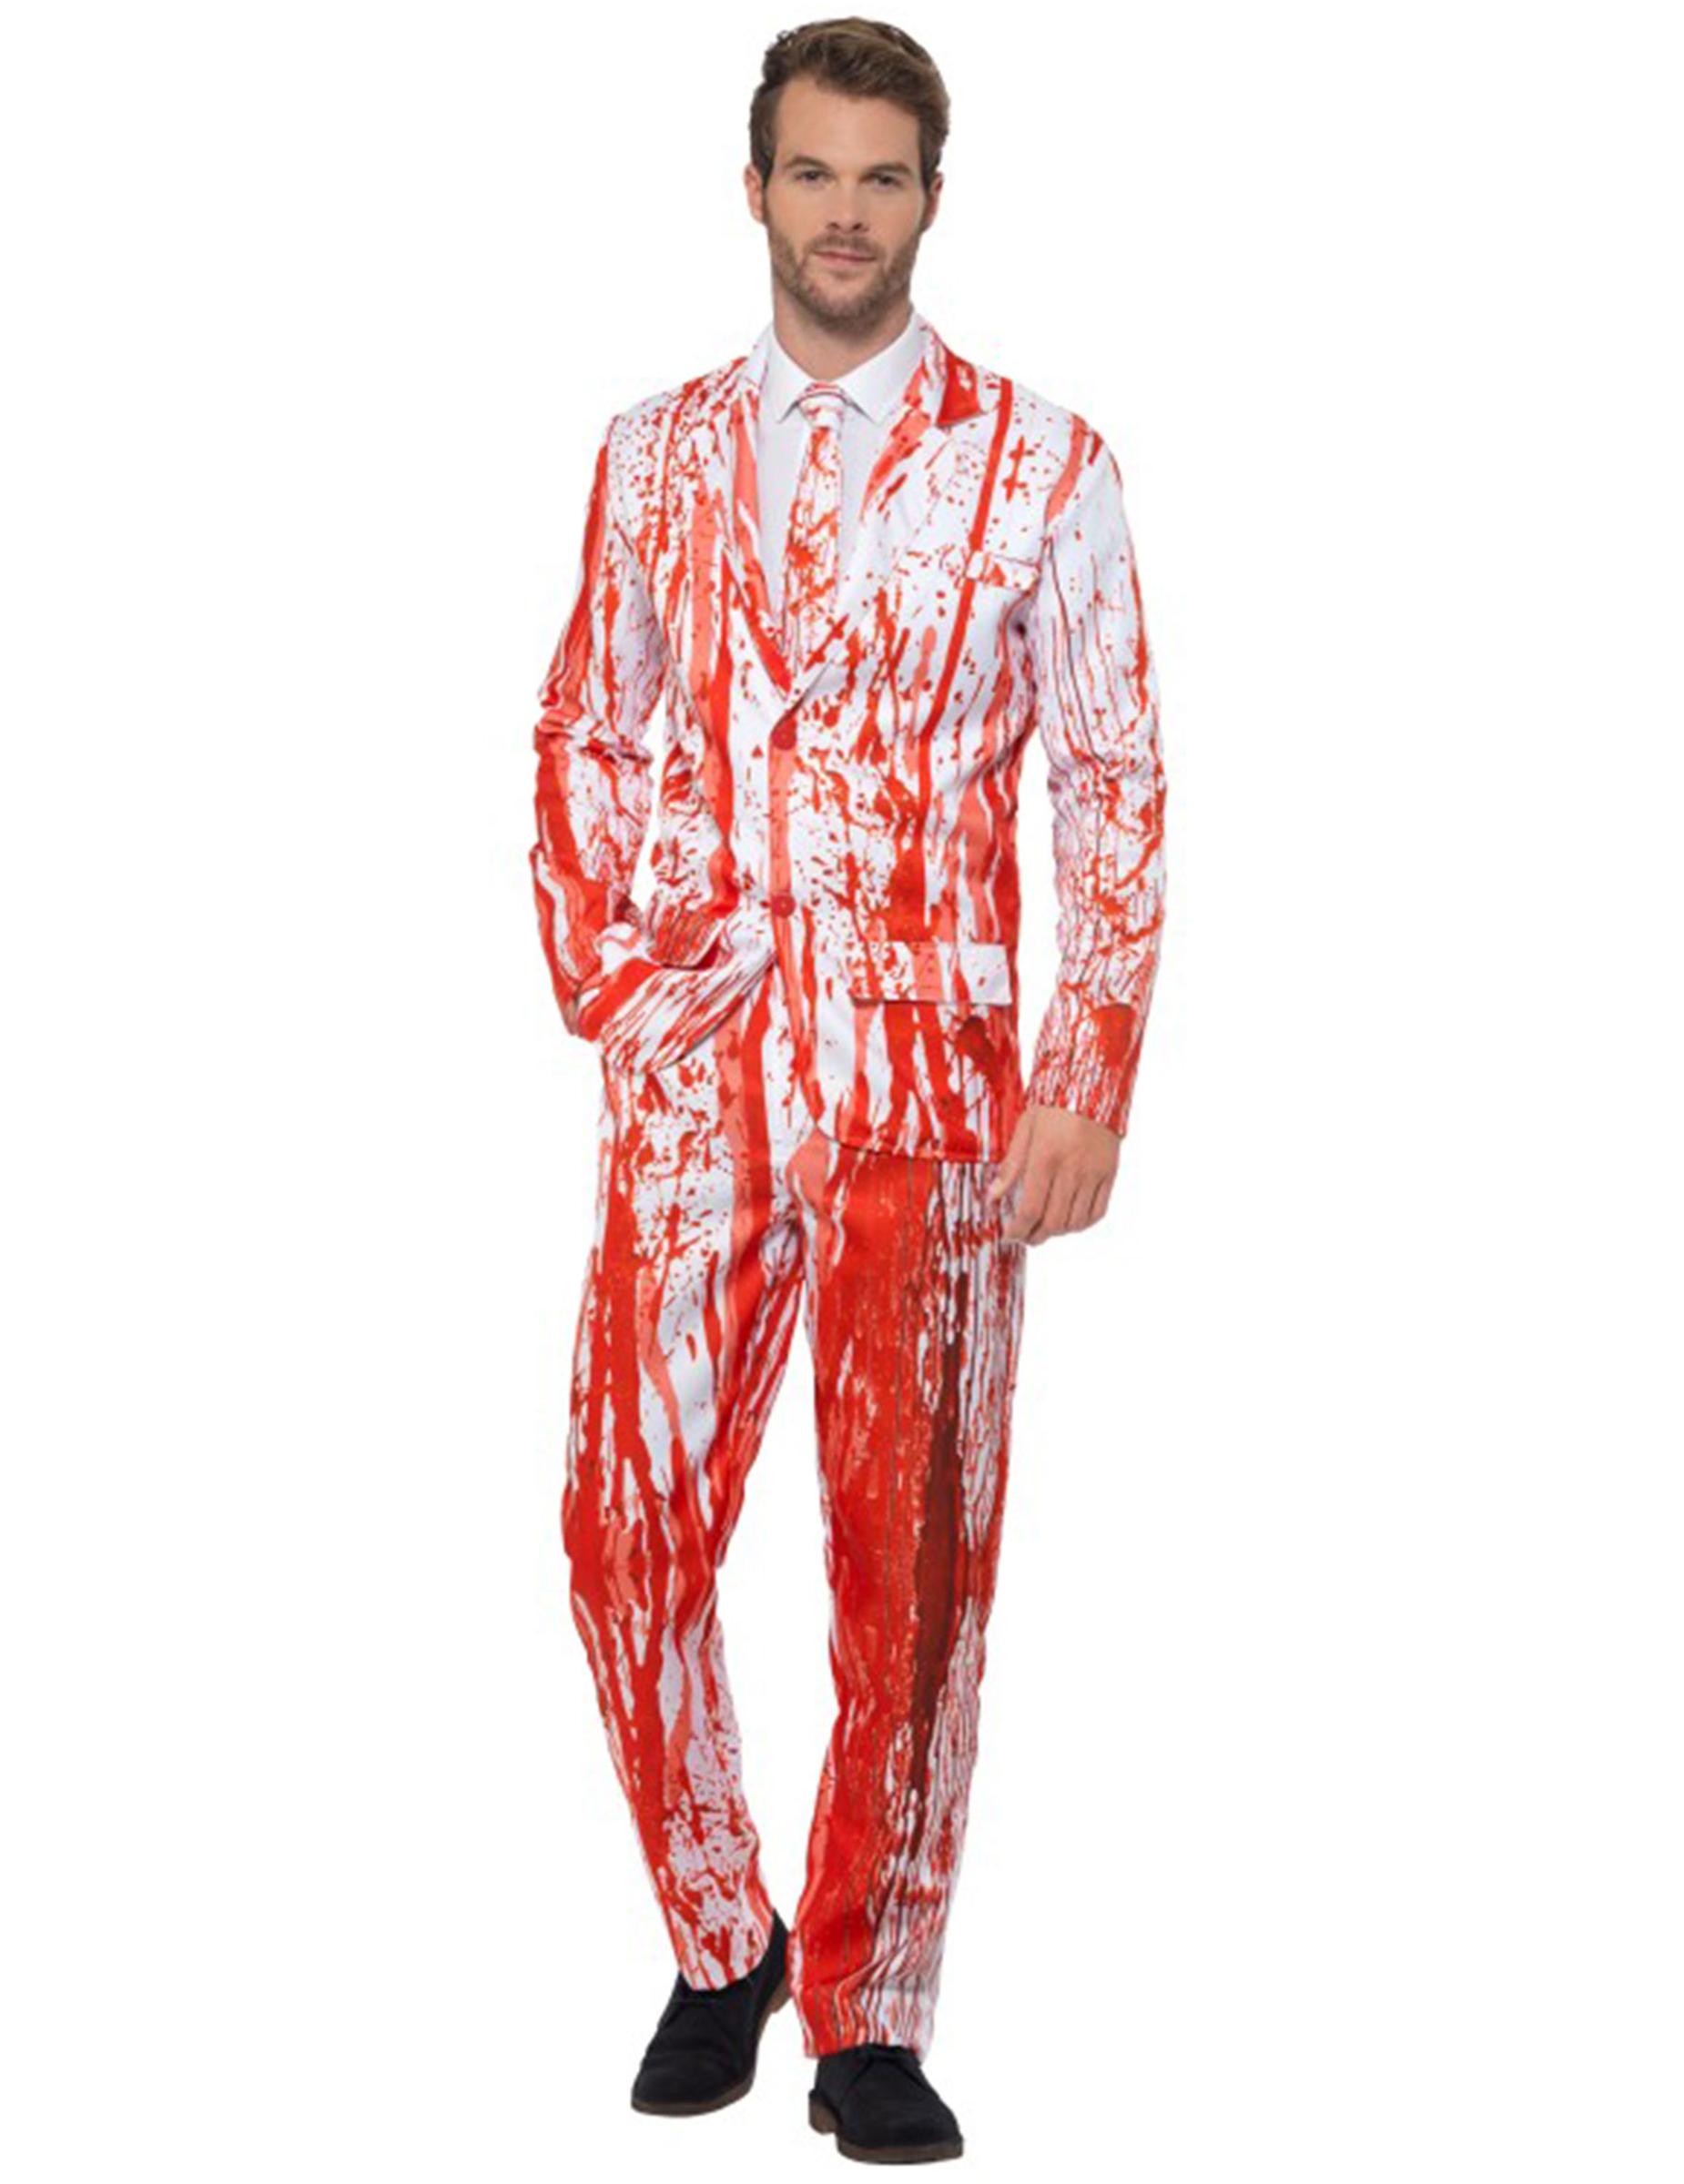 p blutiger anzug fuer herren halloween verkleidung weiss rot